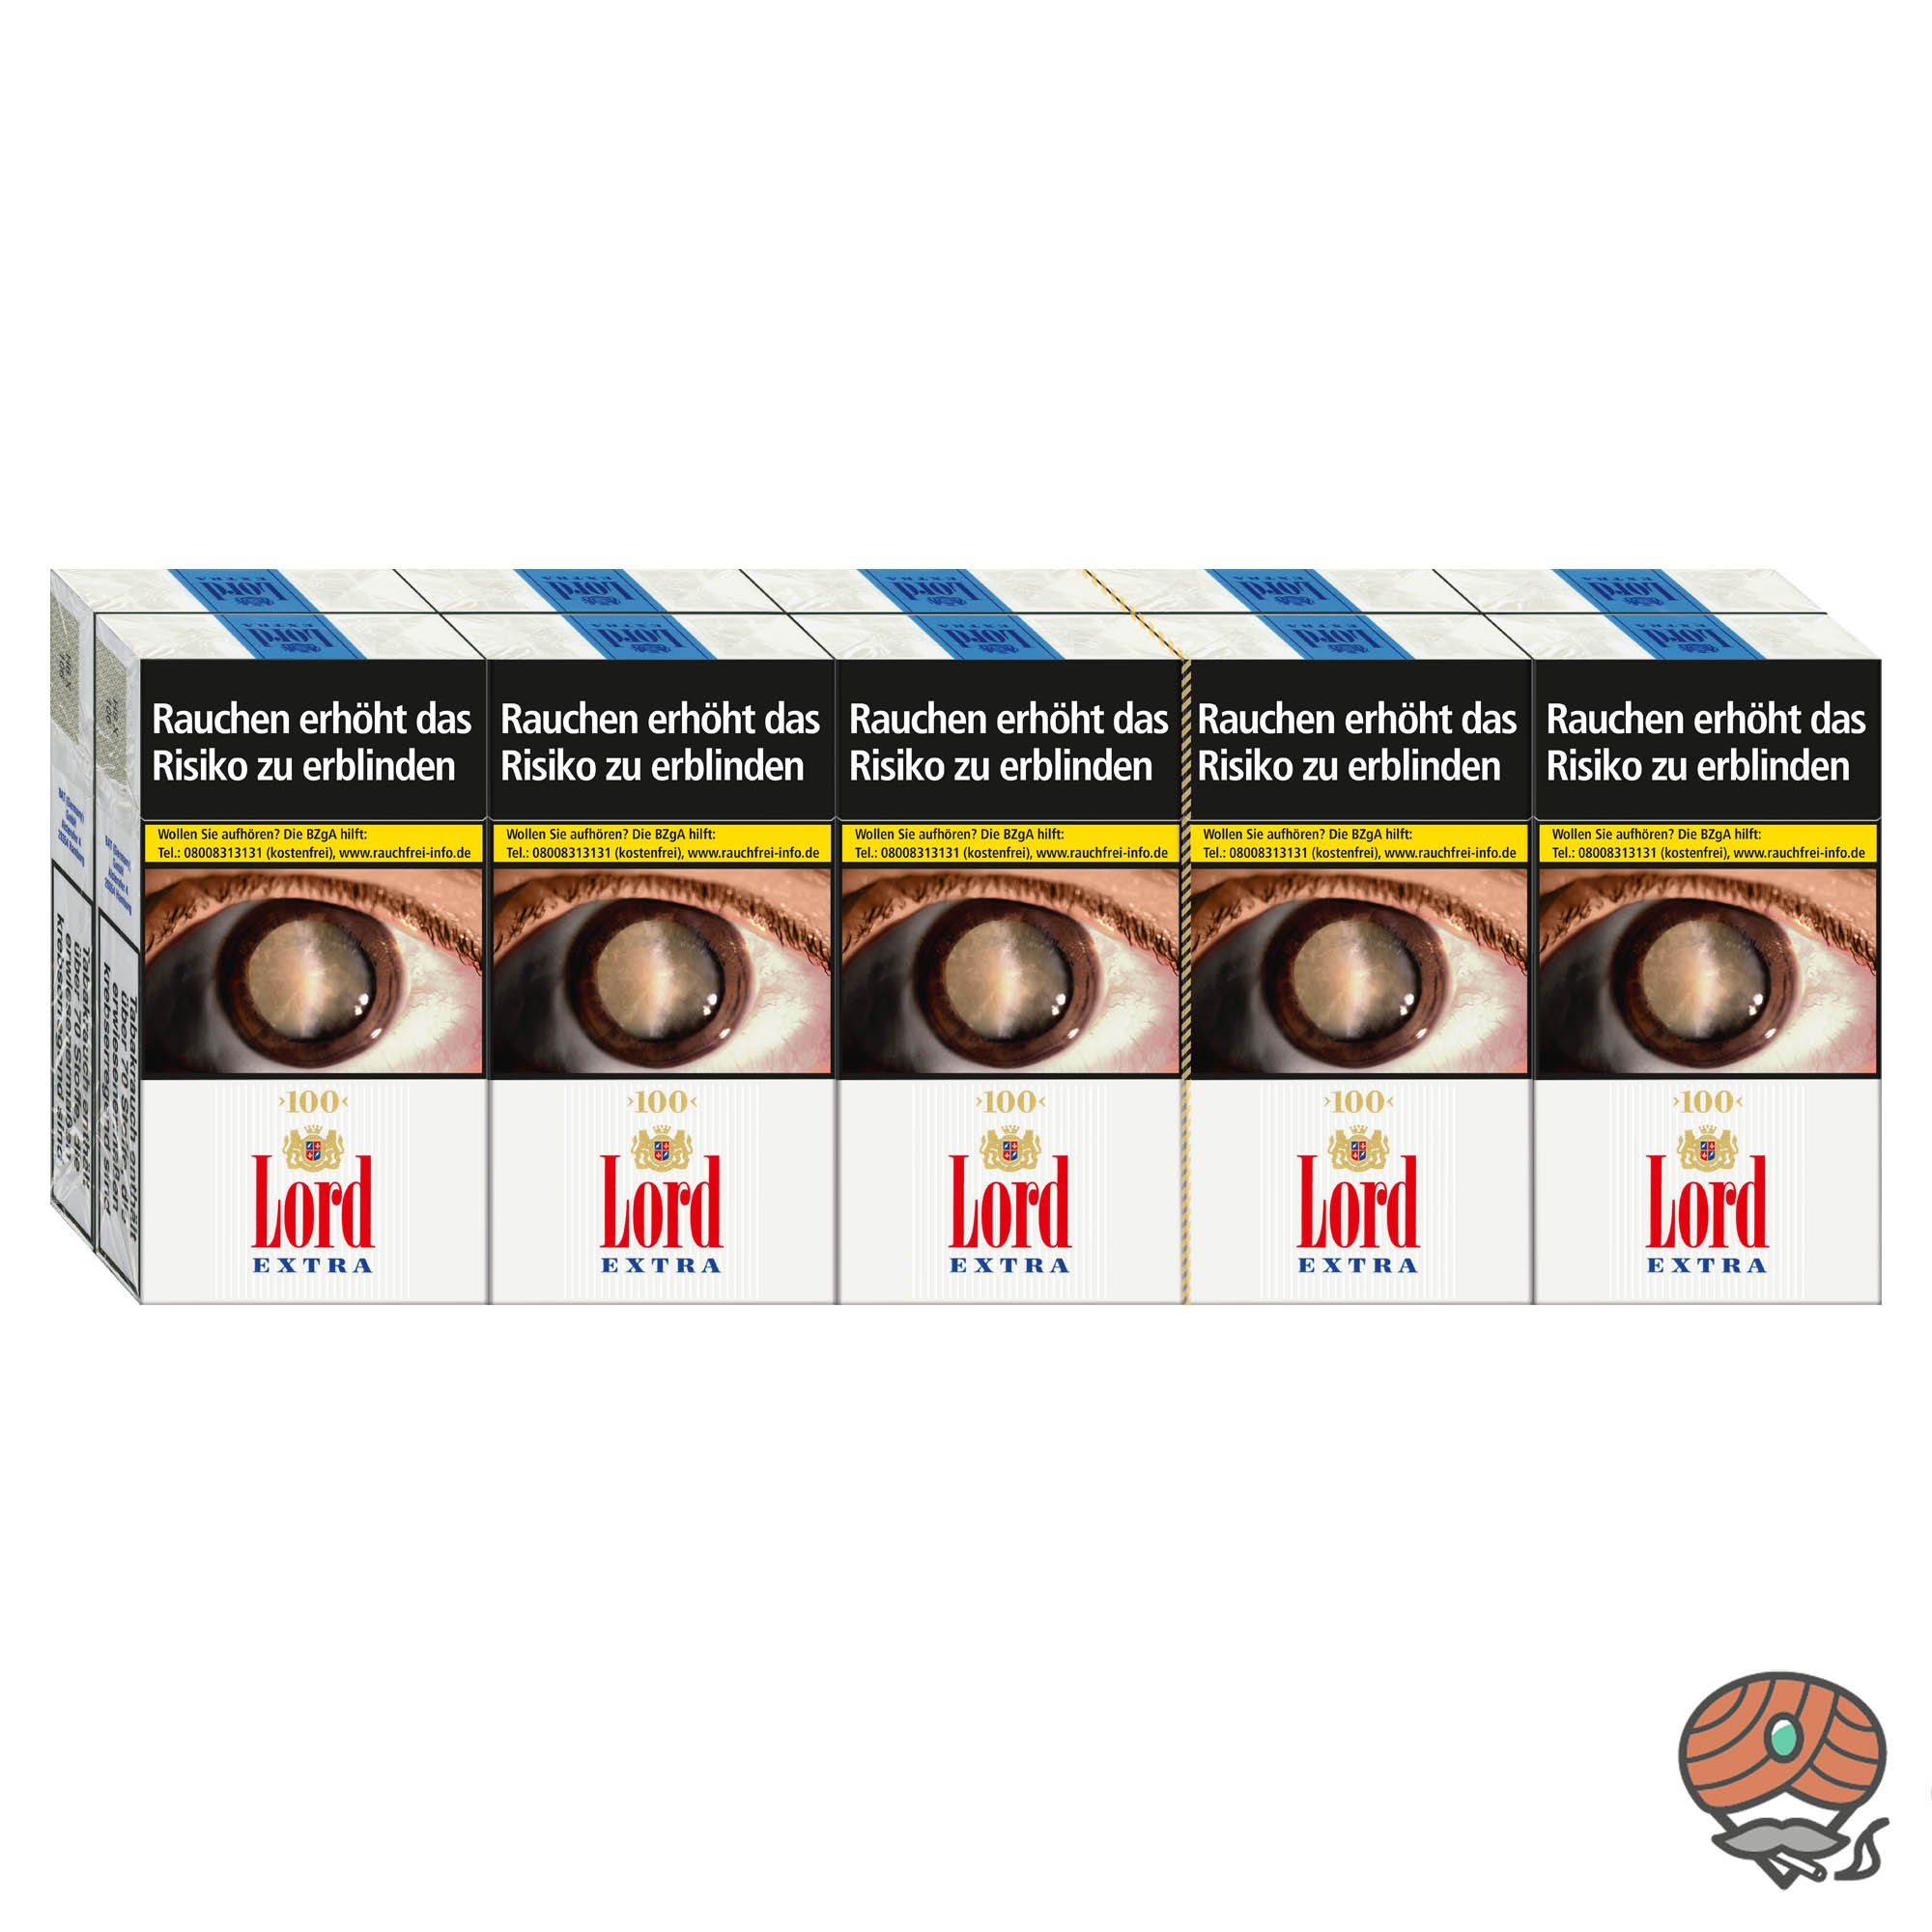 1 Stange Lord Extra 100er / Long Zigaretten 10x20 Stück